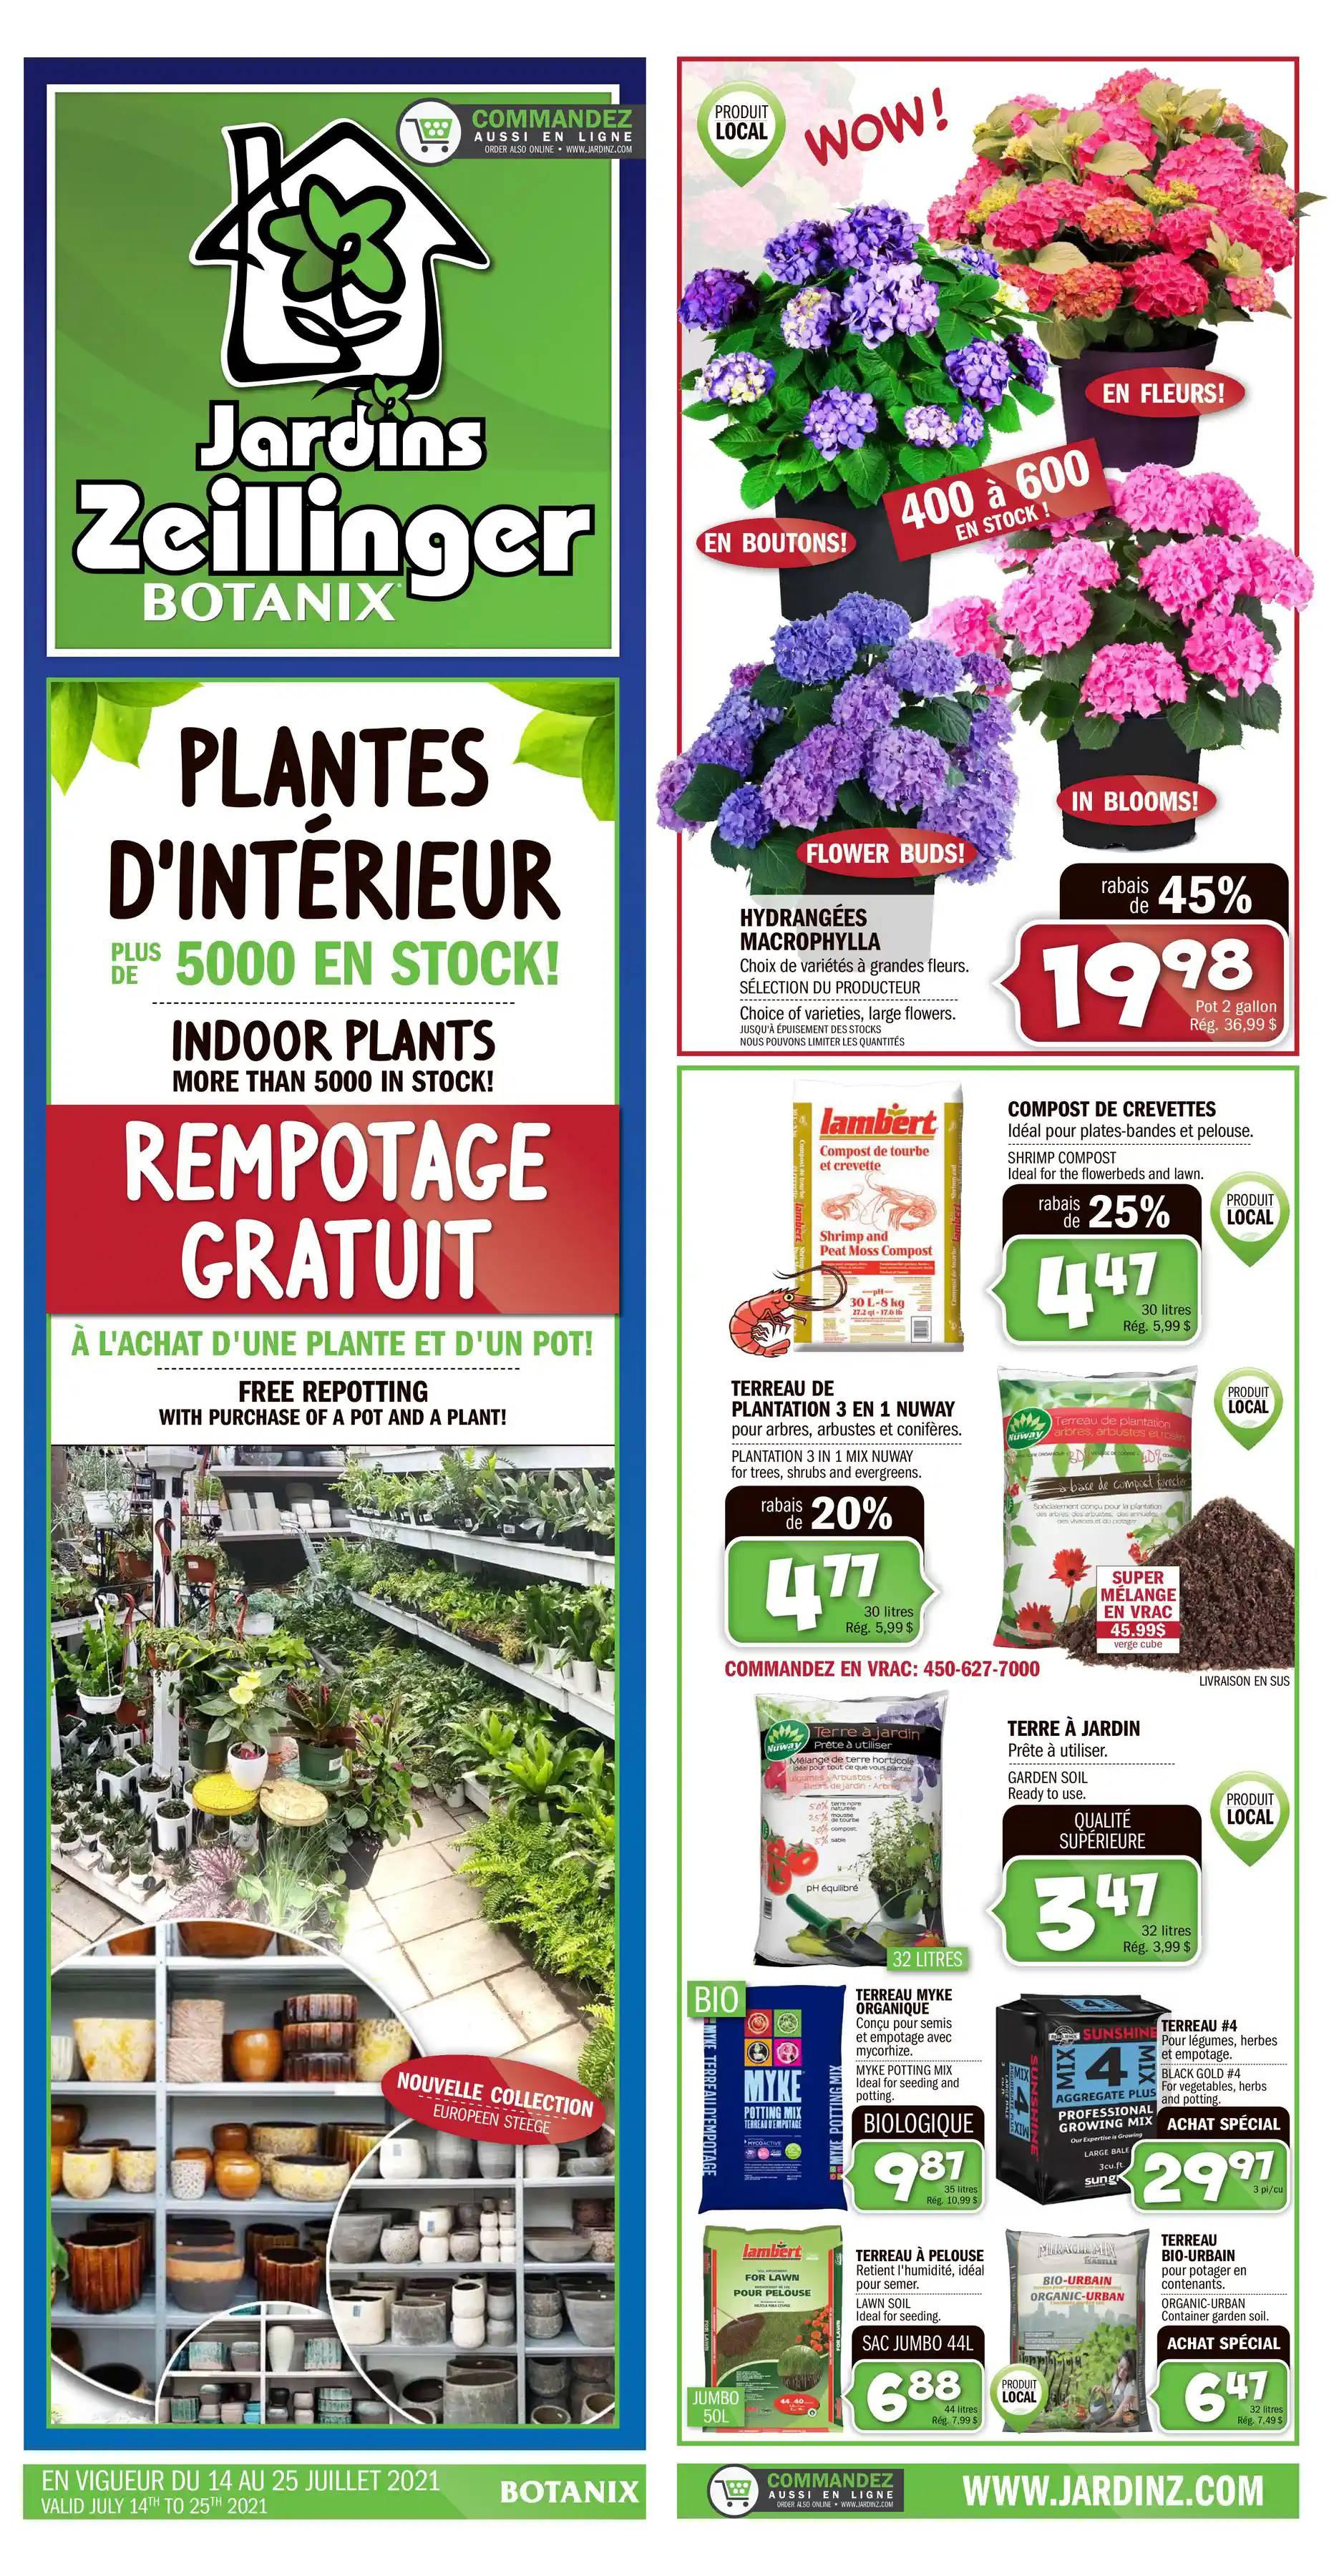 Circulaire Jardins Zeillinger Du 14 Au 25 Juillet 2021 - Page 1